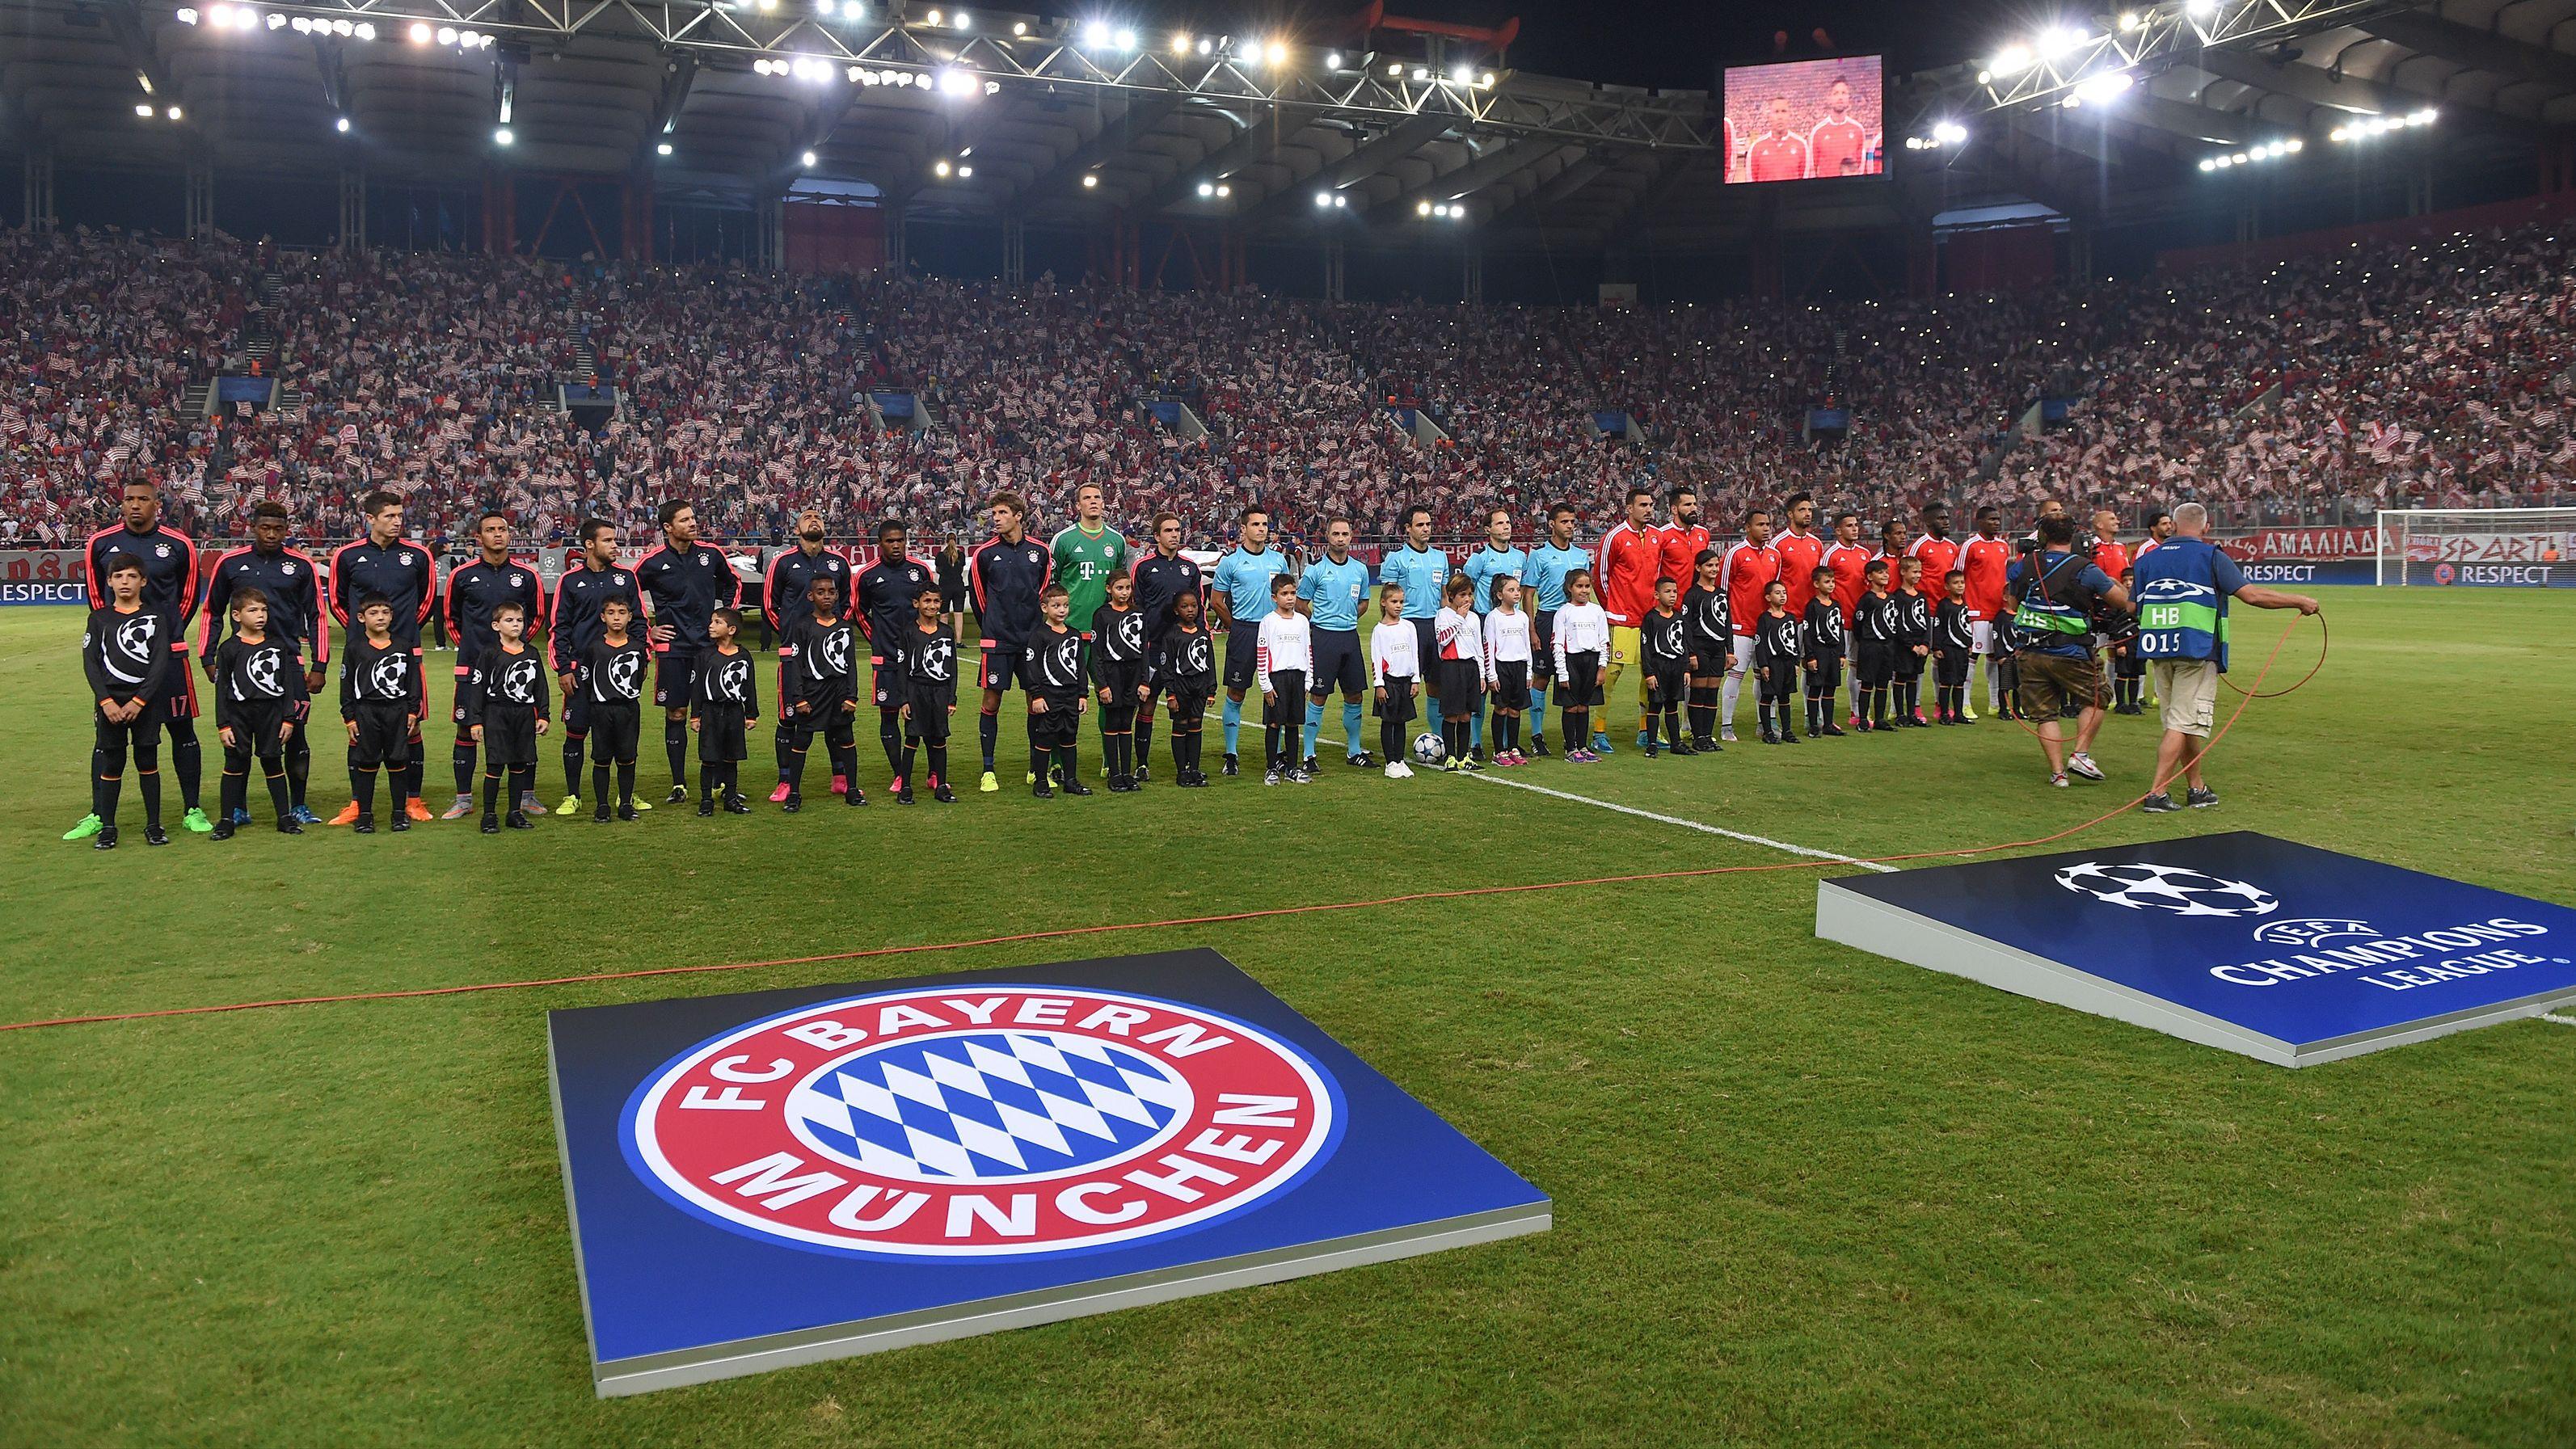 Olympiakos Piräus - FC Bayern München: Vor dem Champions-League-Spiel in Piräus 2015